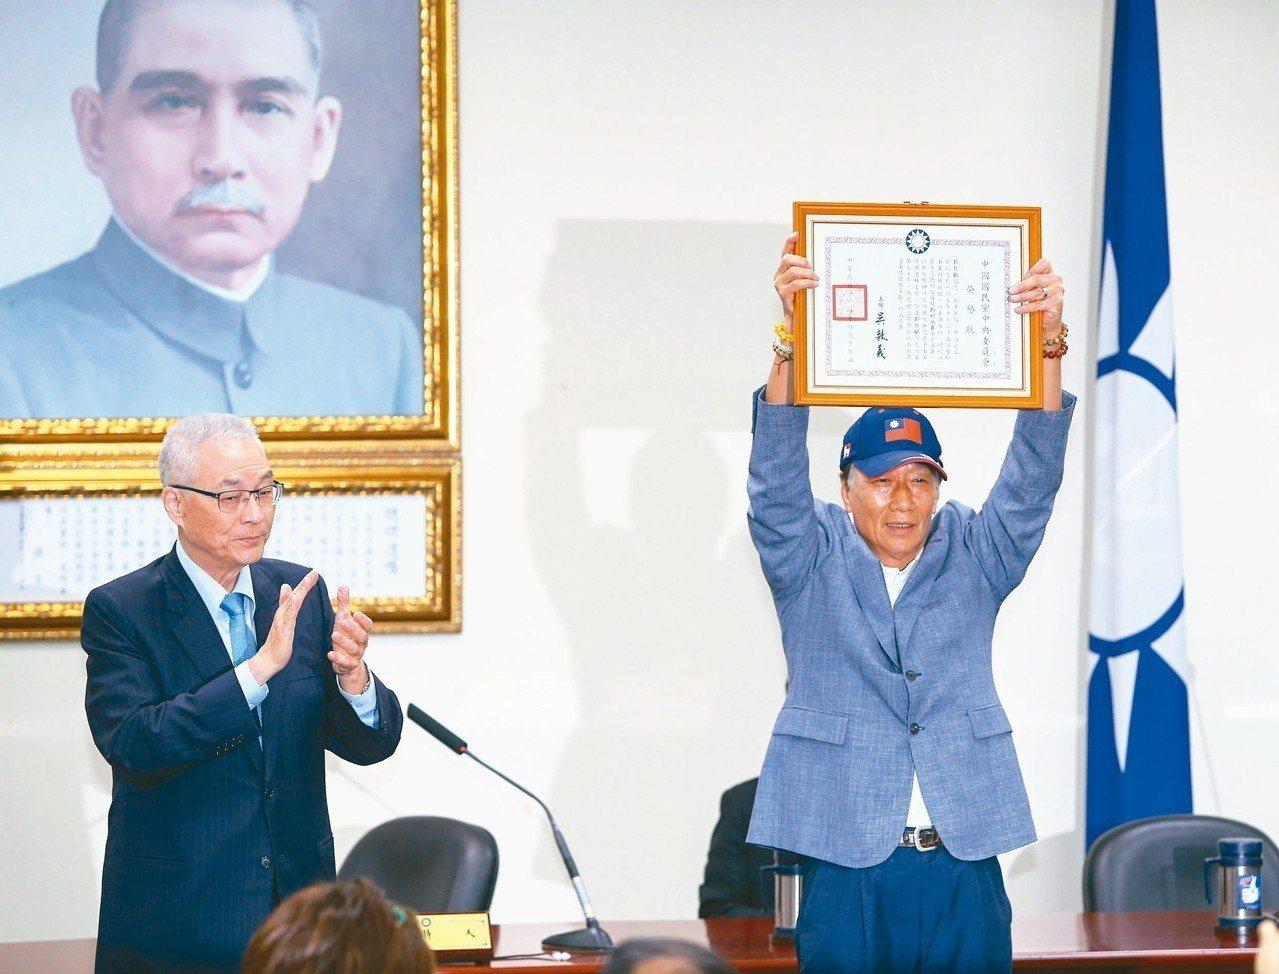 有五十年國民黨黨齡的鴻海董事長郭台銘(右)昨從黨主席吳敦義(左)手上接下榮譽狀,...